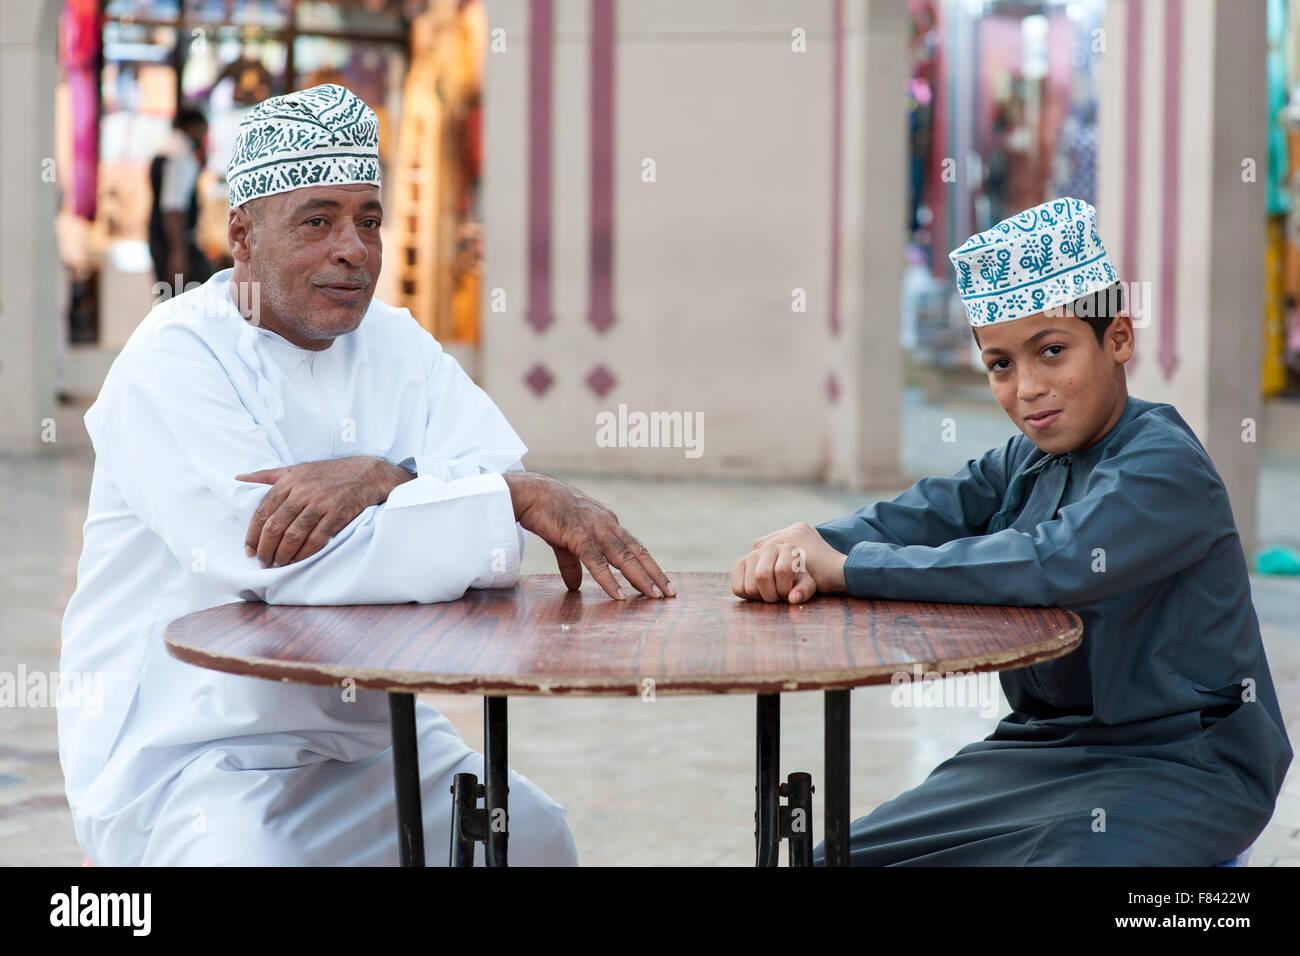 Omani uomo e suo figlio seduto fuori la Mutrah souk in Muscat, la capitale del sultanato di Oman. Immagini Stock